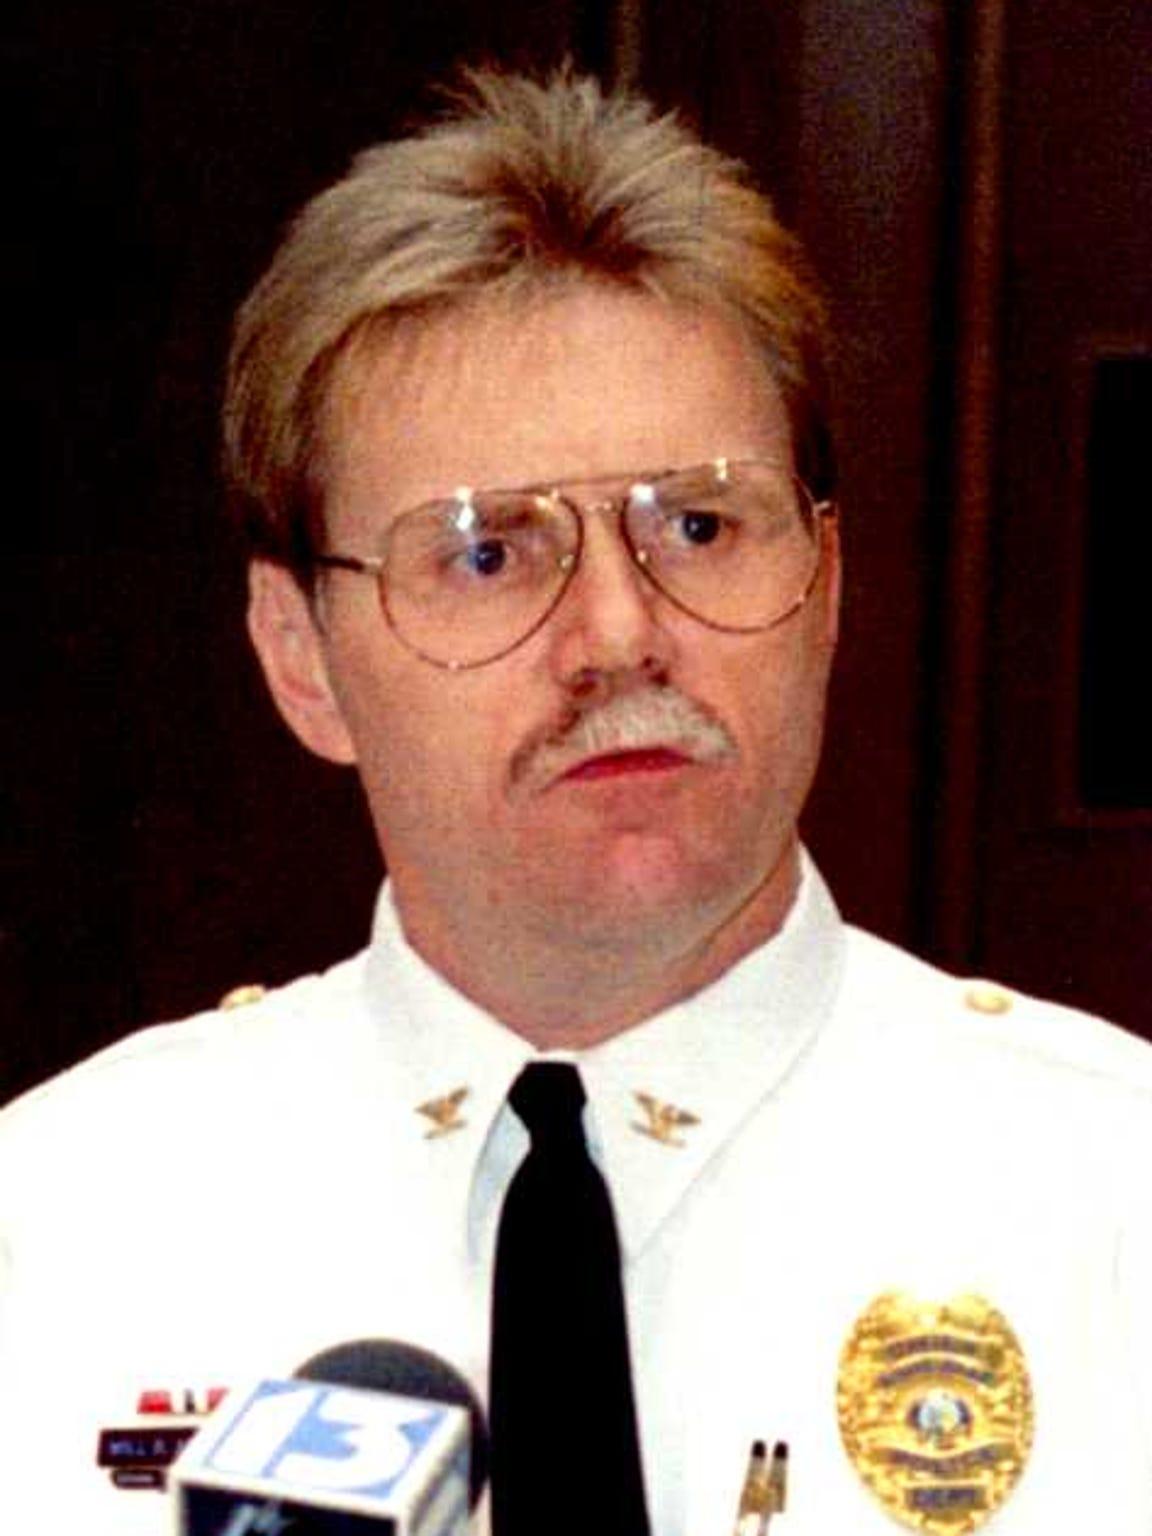 Police Chief Will Annarino in 1993.